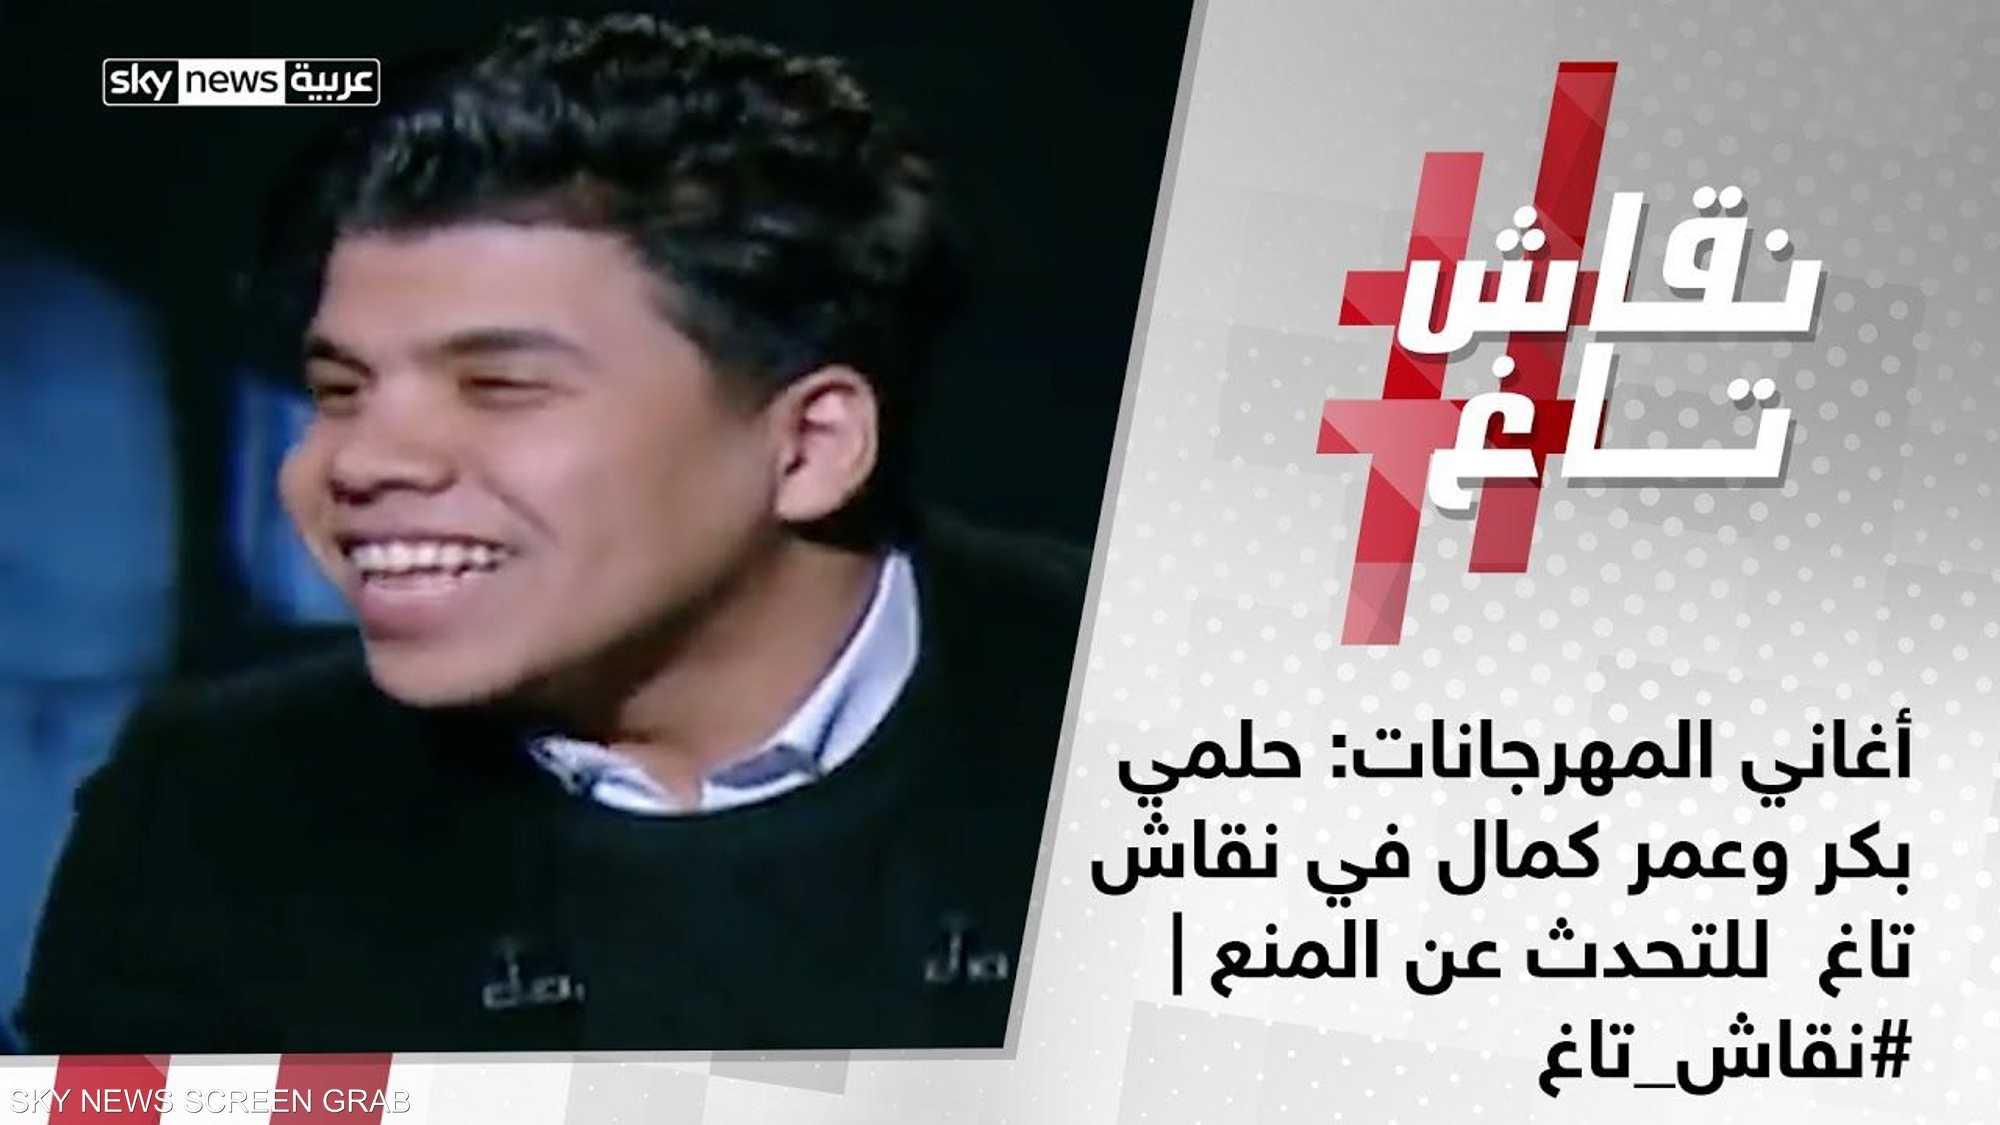 أغاني المهرجانات: حلمي بكر وعمر كمال في نقاش تاغ